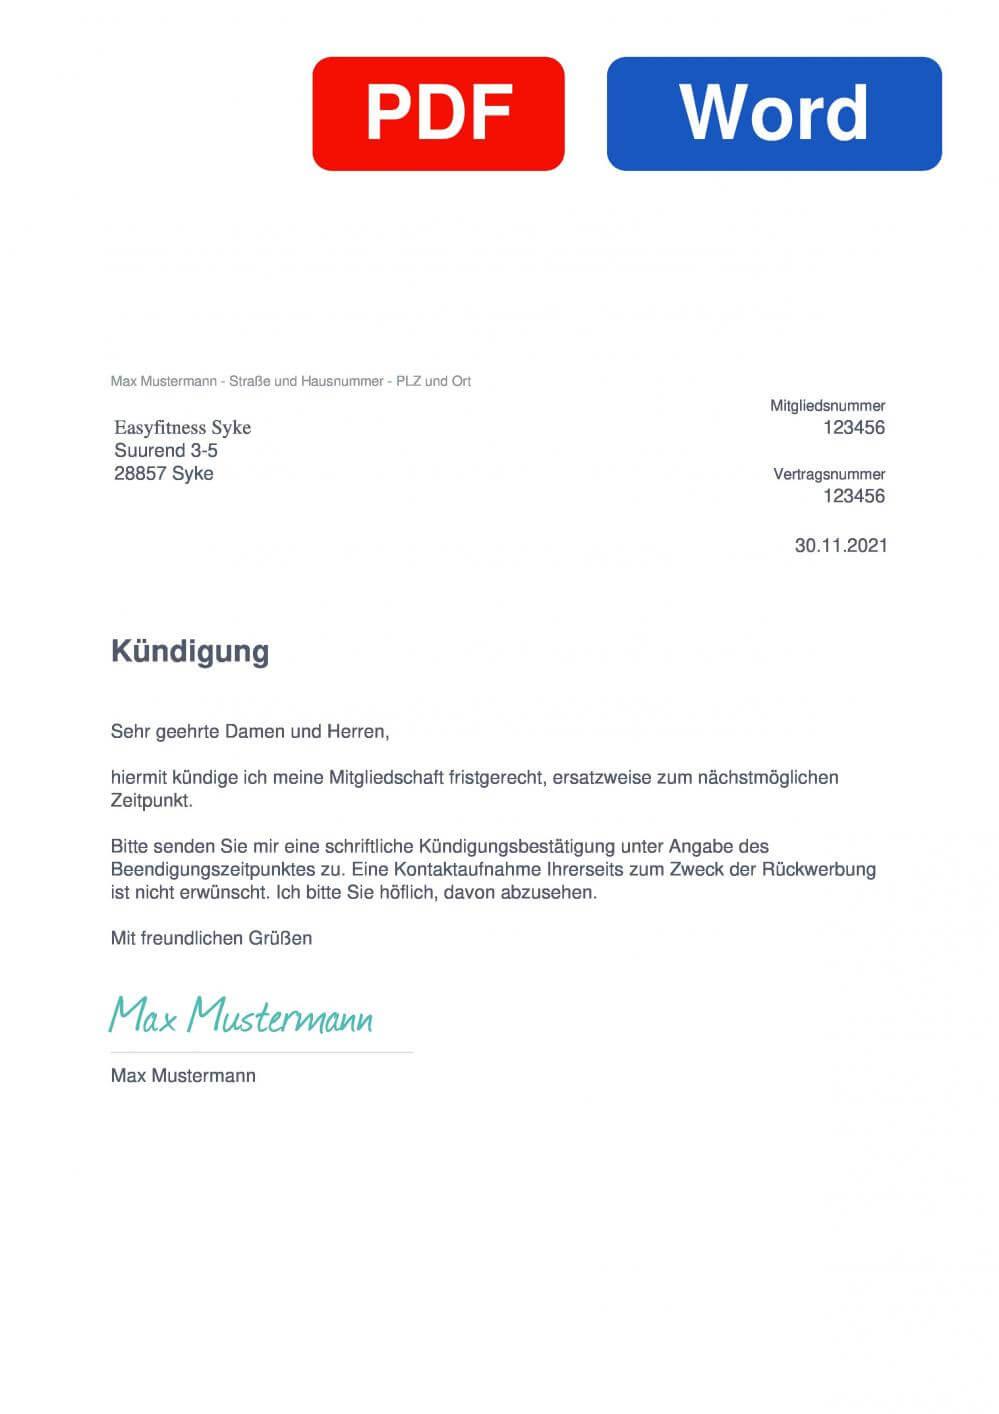 EASYFITNESS Syke Muster Vorlage für Kündigungsschreiben